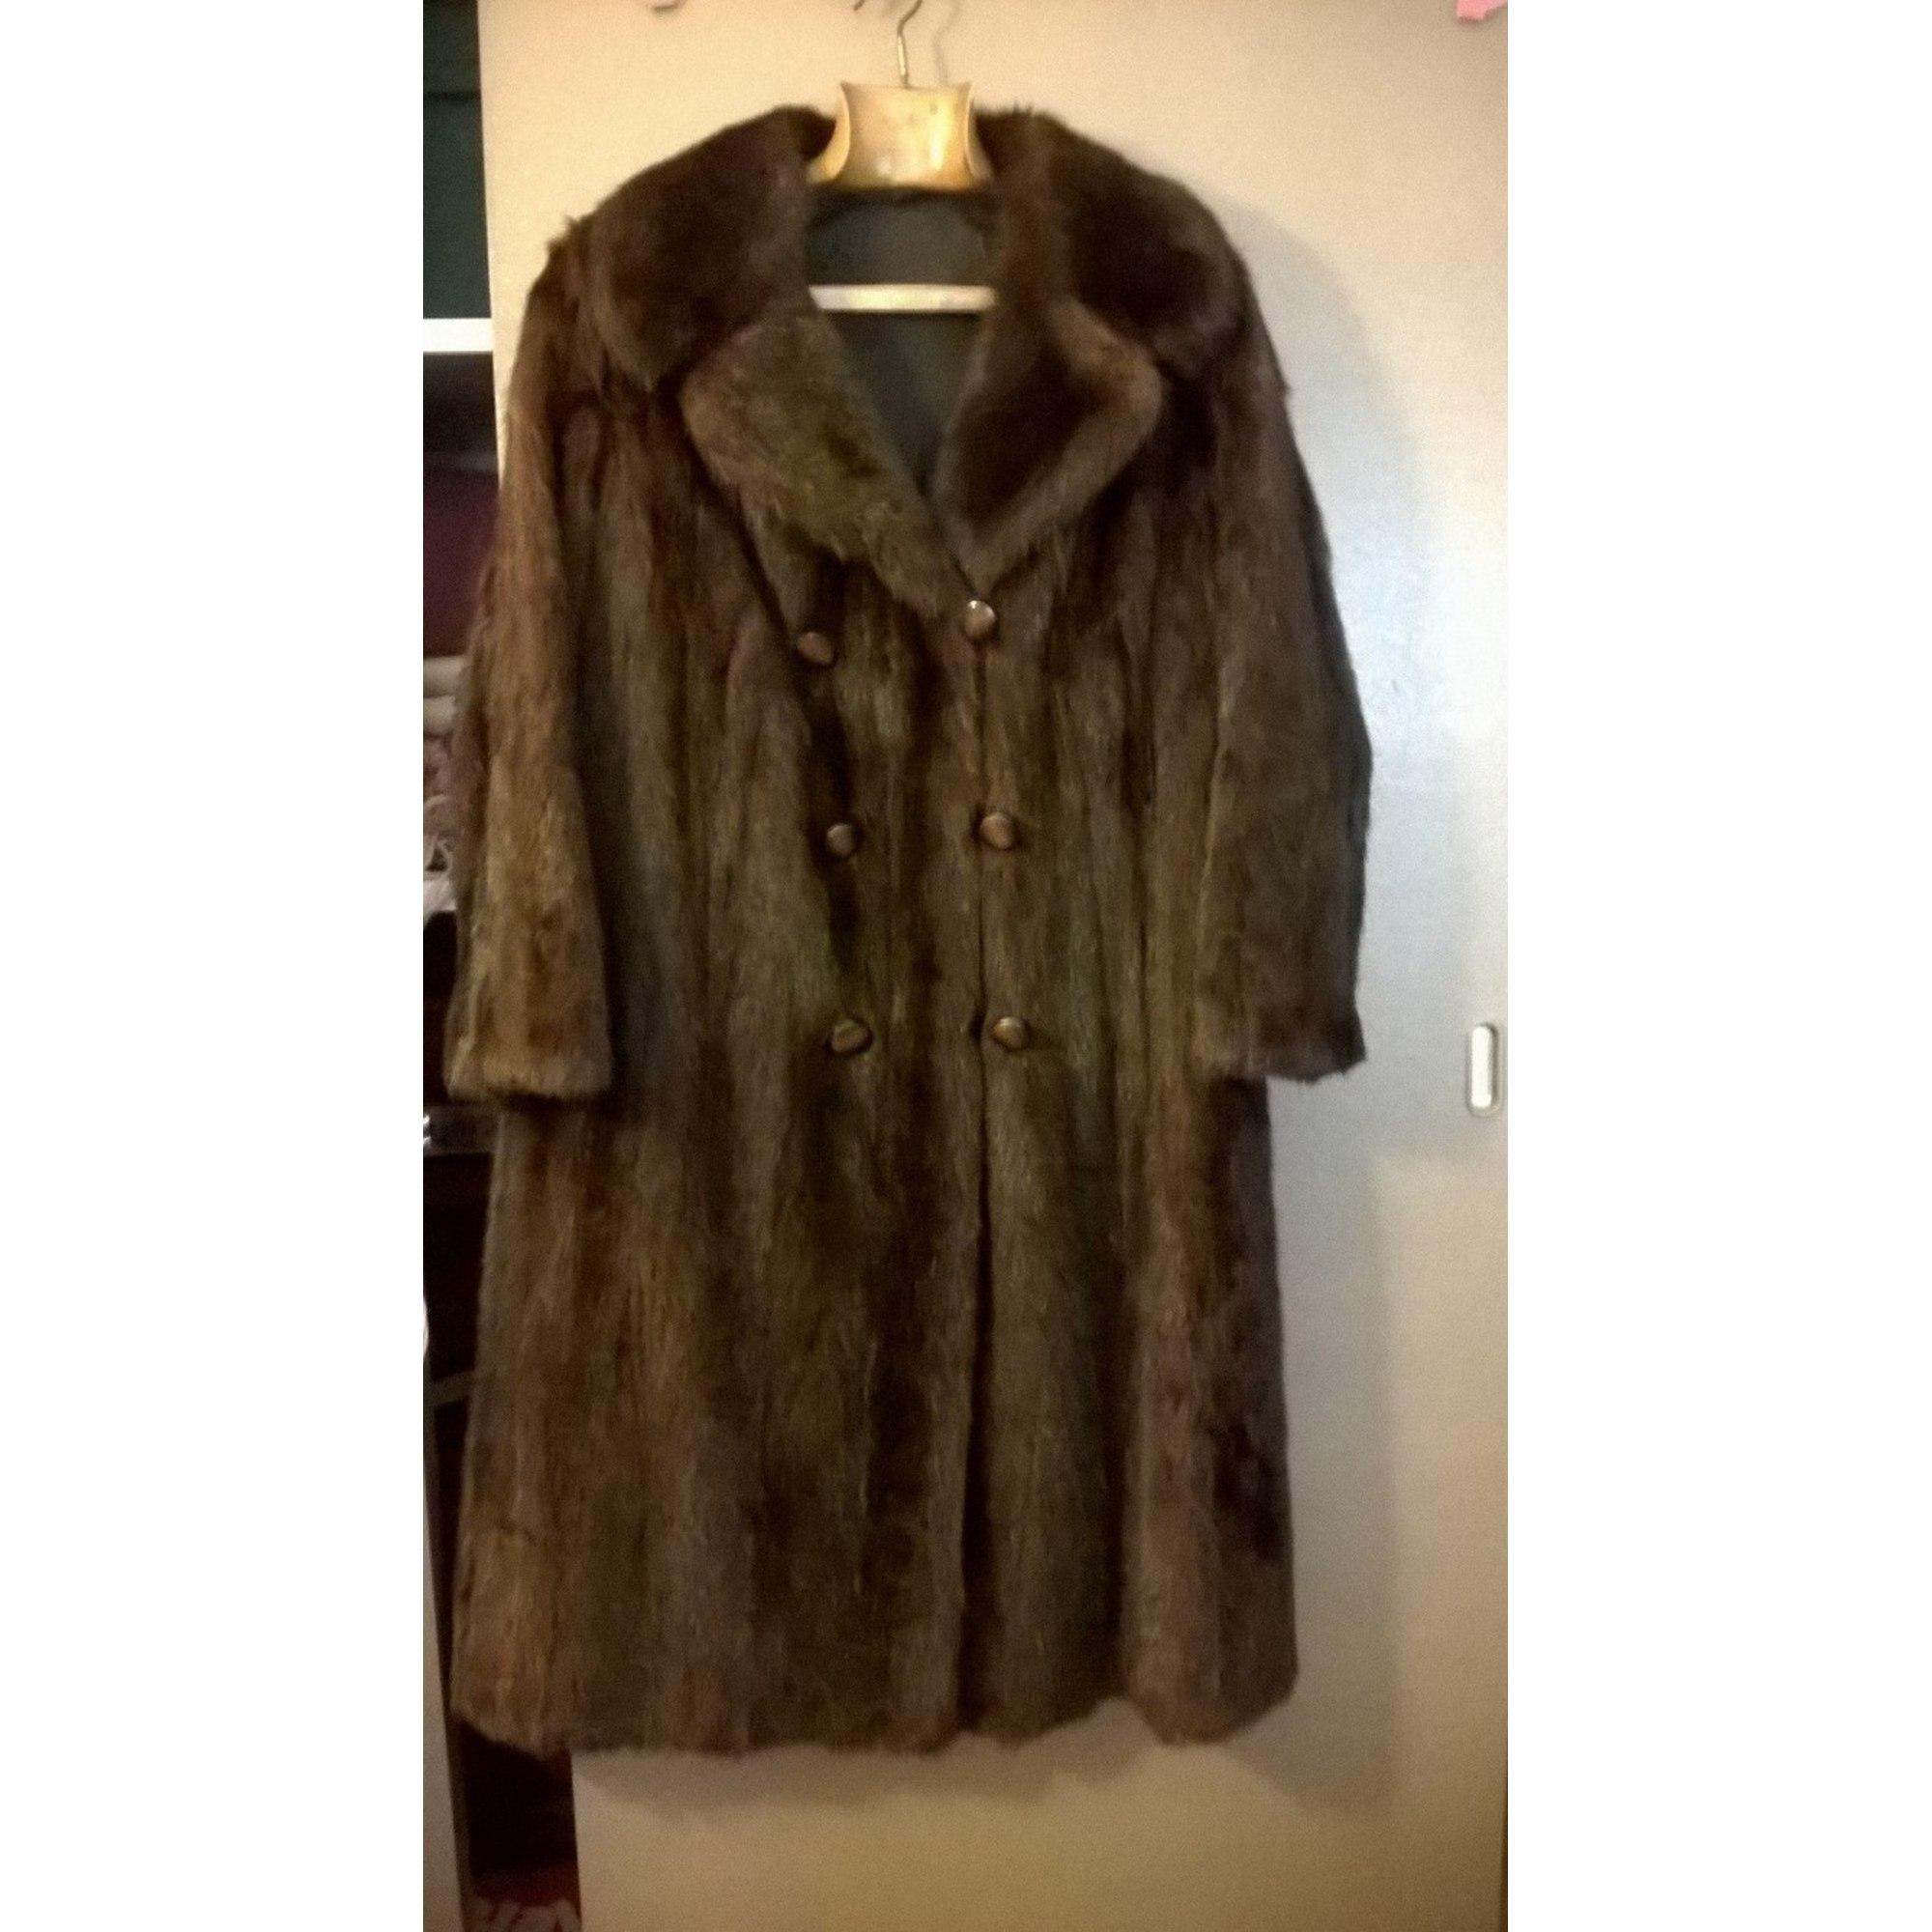 Manteau en fourrure VISON VINTAGE 40 (L, T3) beige vendu par